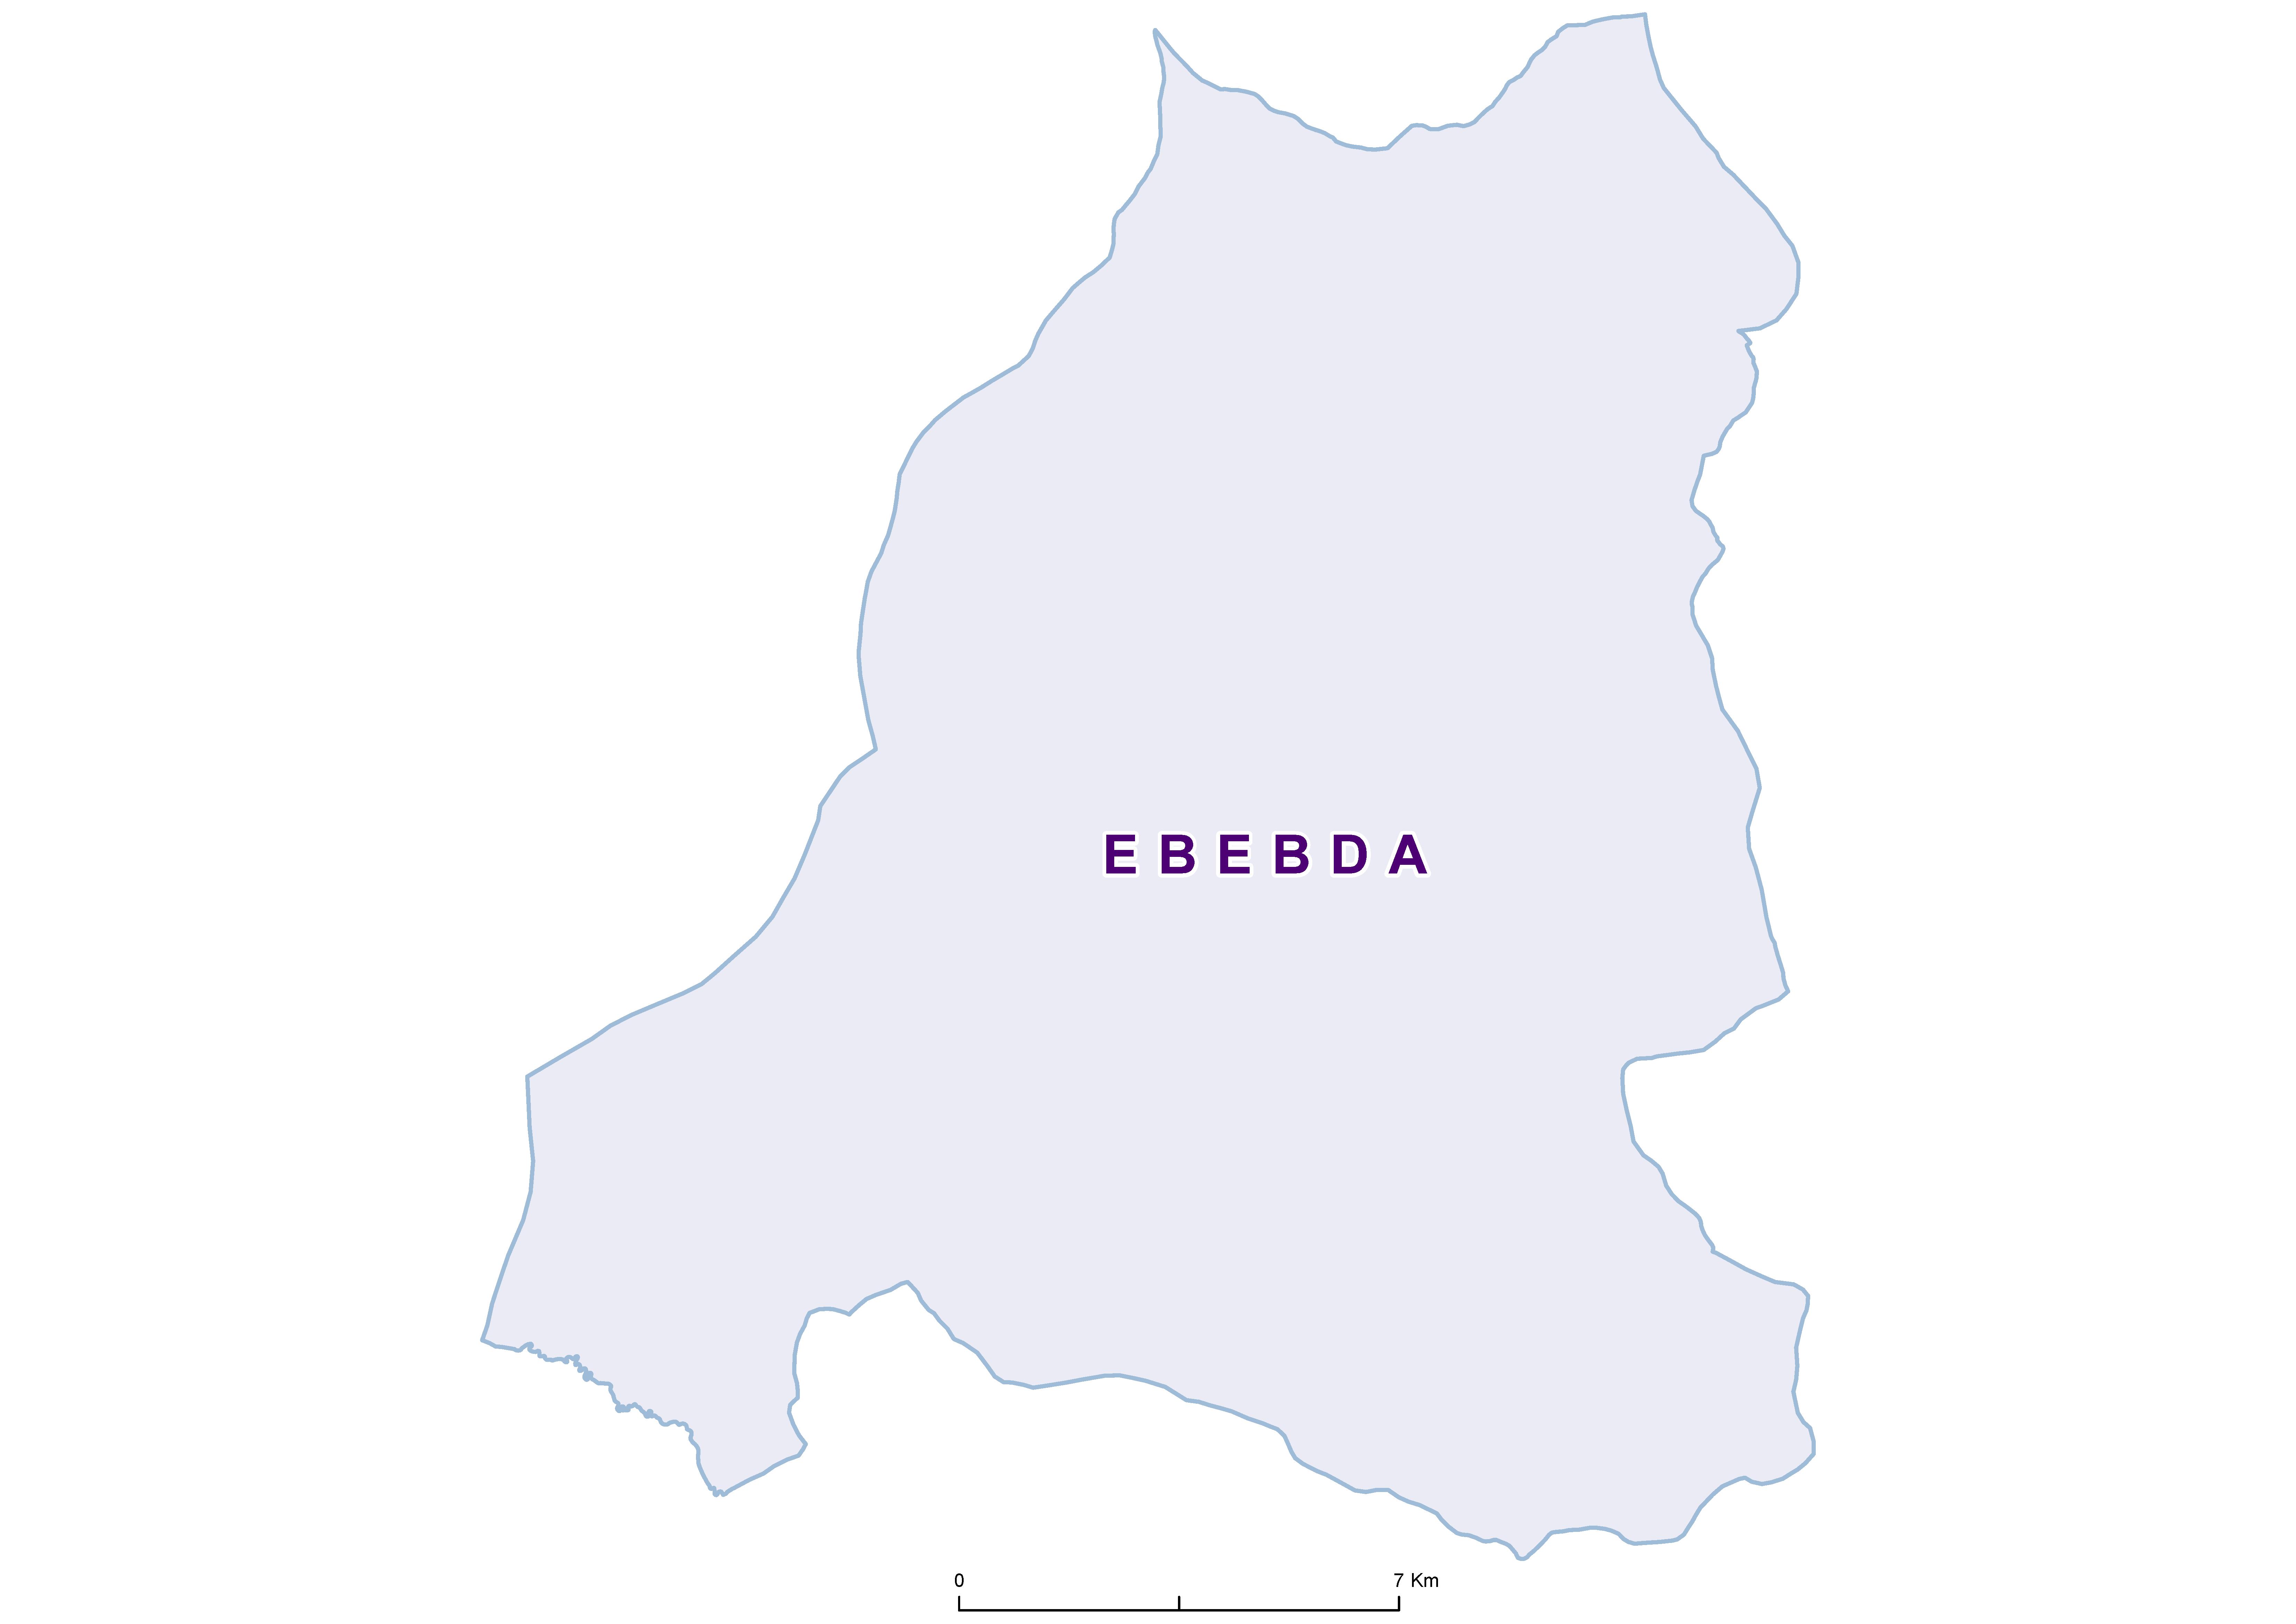 Ebebda Mean SCH 20180001